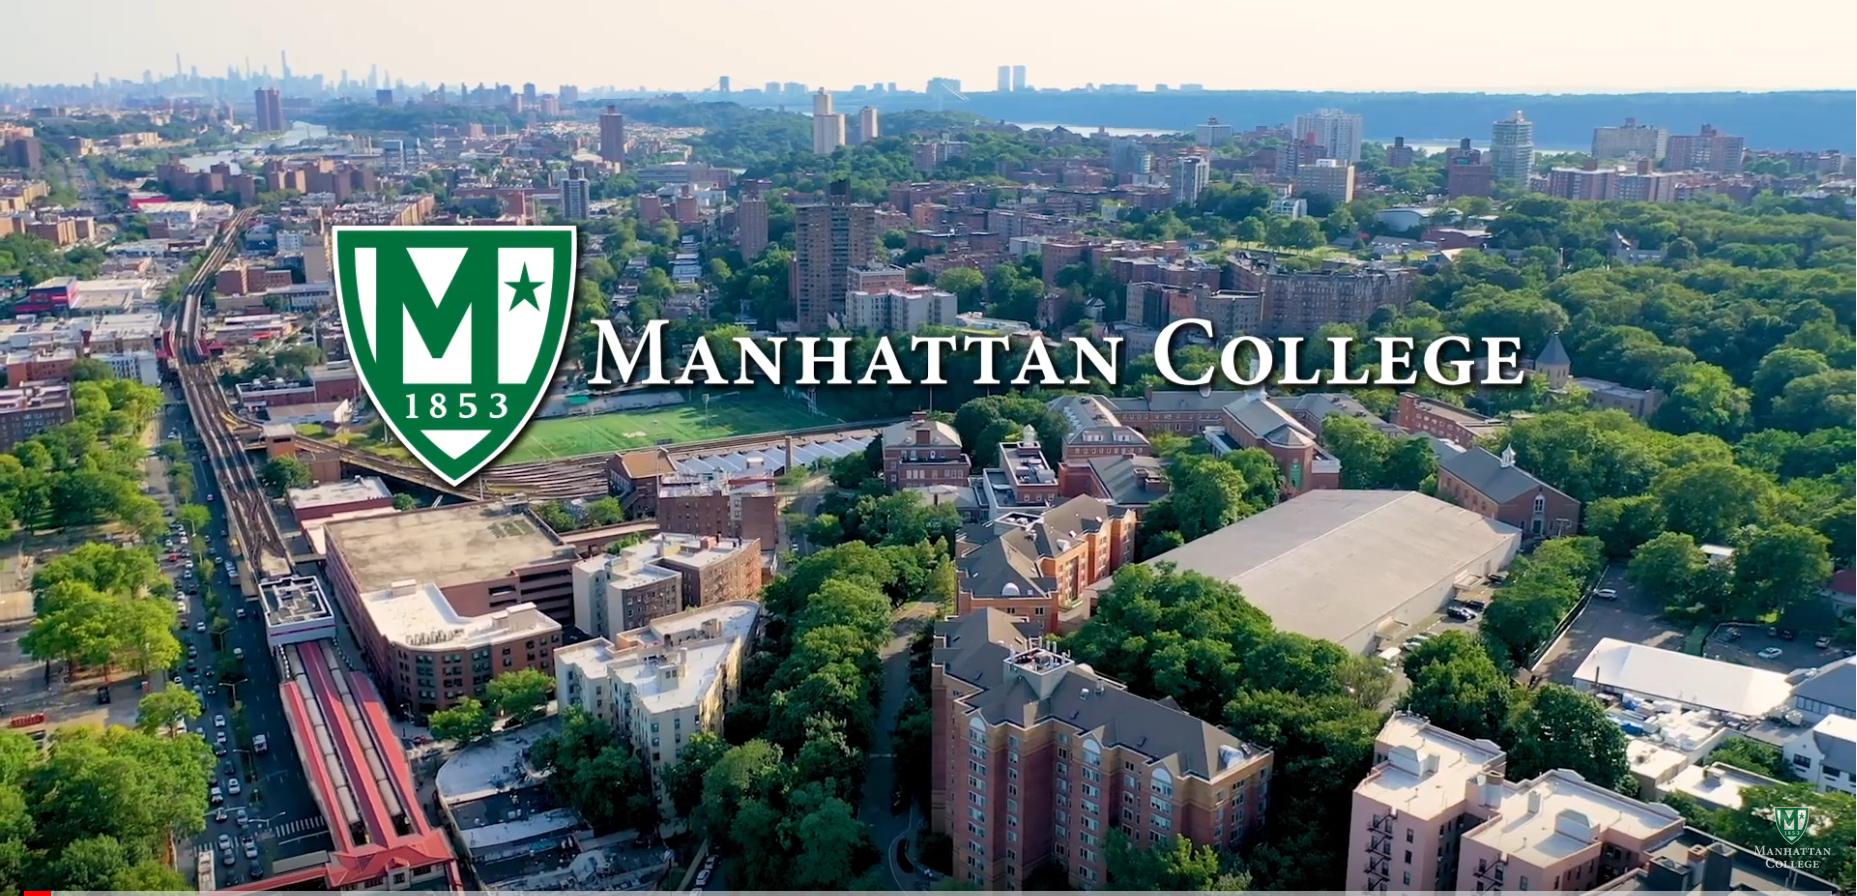 Aerial shot of Manhattan College campus